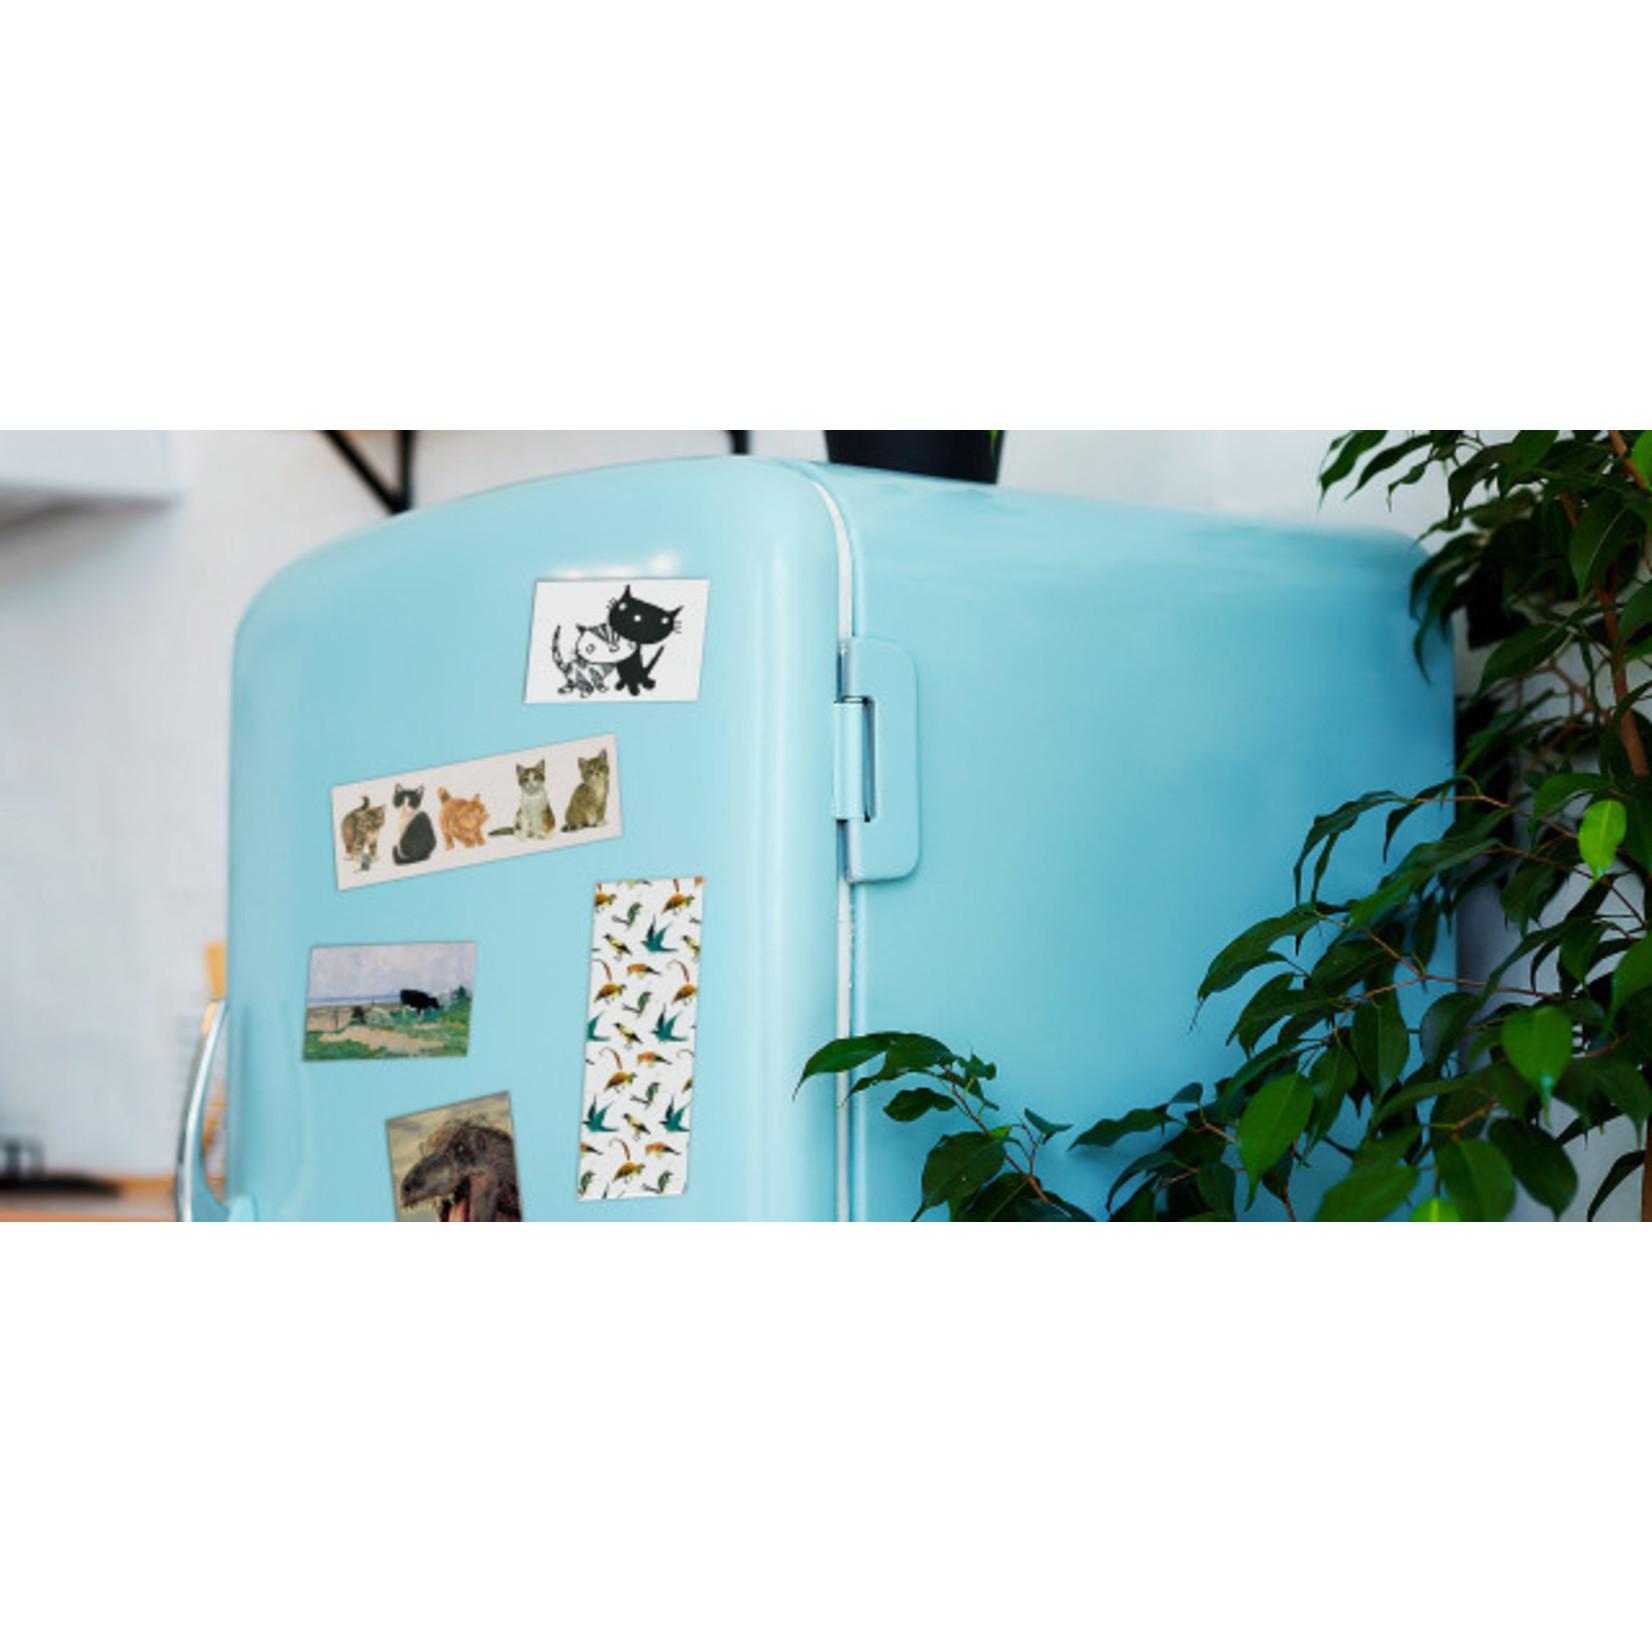 Bekking & Blitz Koelkastmagneet: Landschap met een wit huis, Malevich